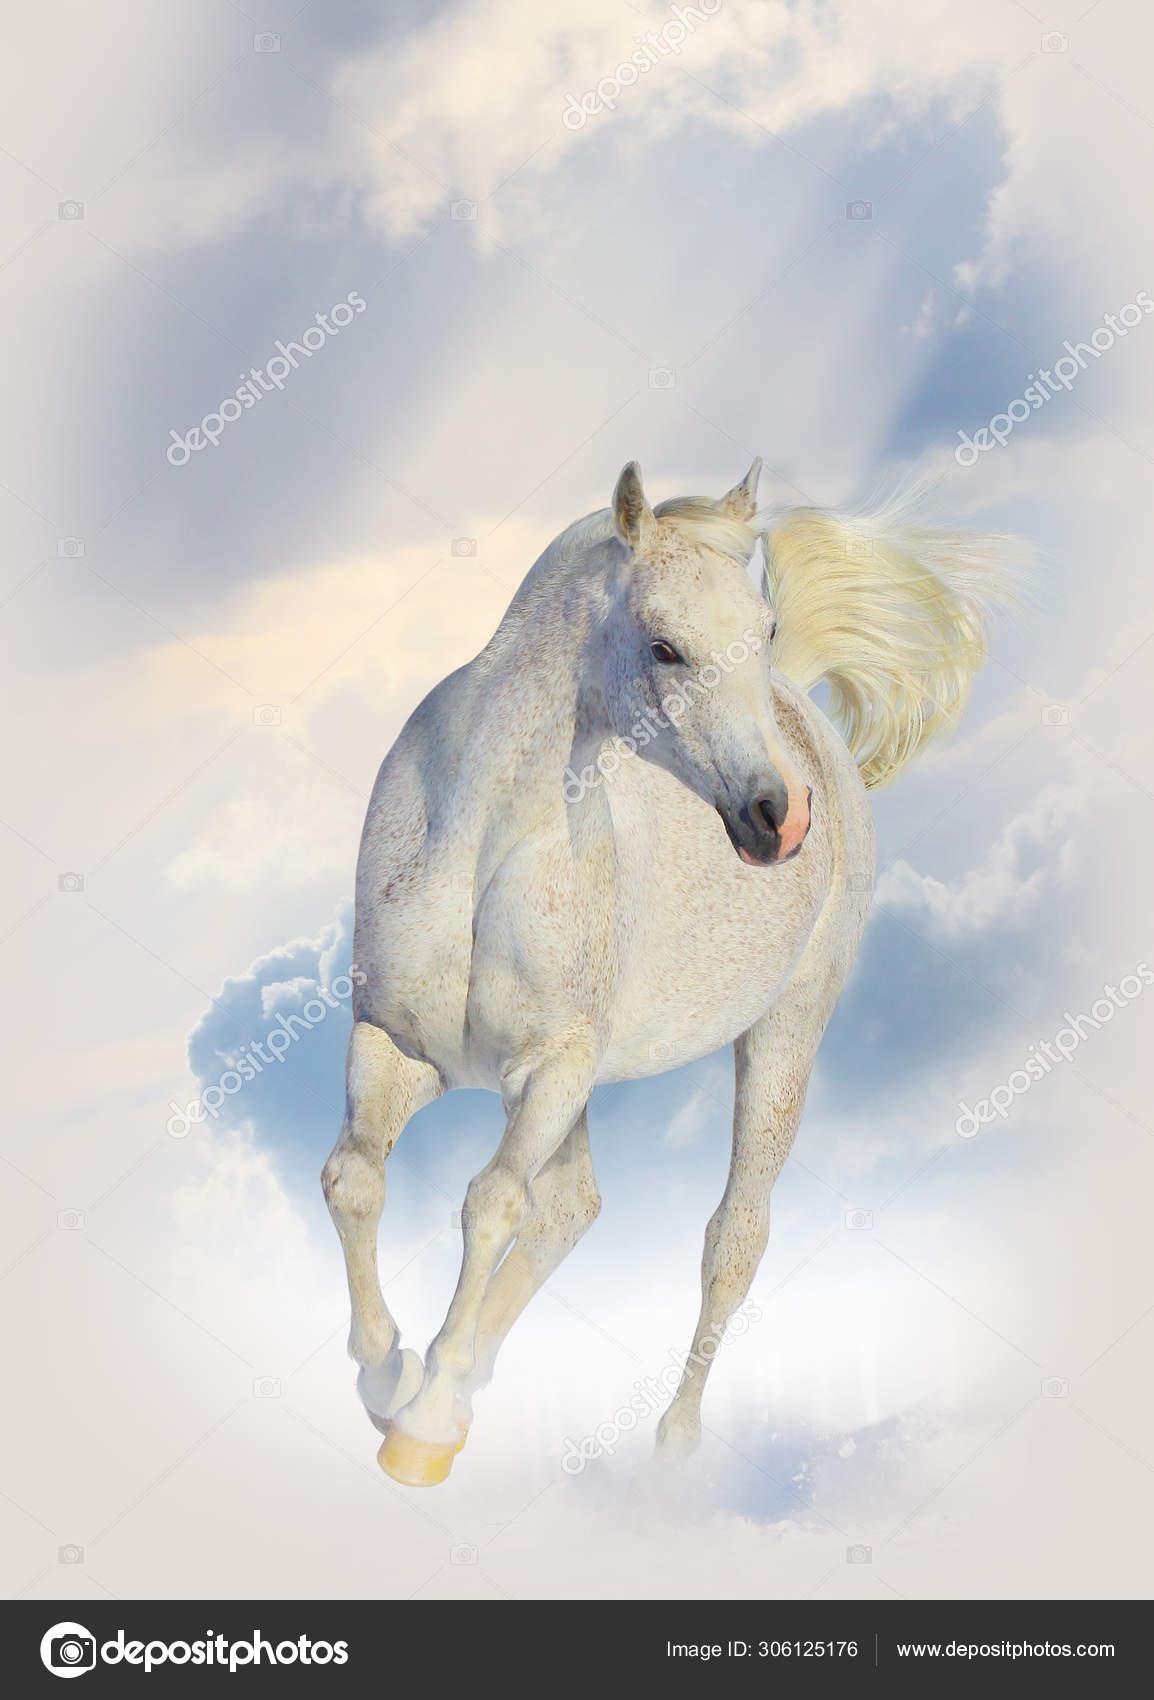 Purebred White Arabian Horse In Winter Stock Photo C Mari Art 306125176